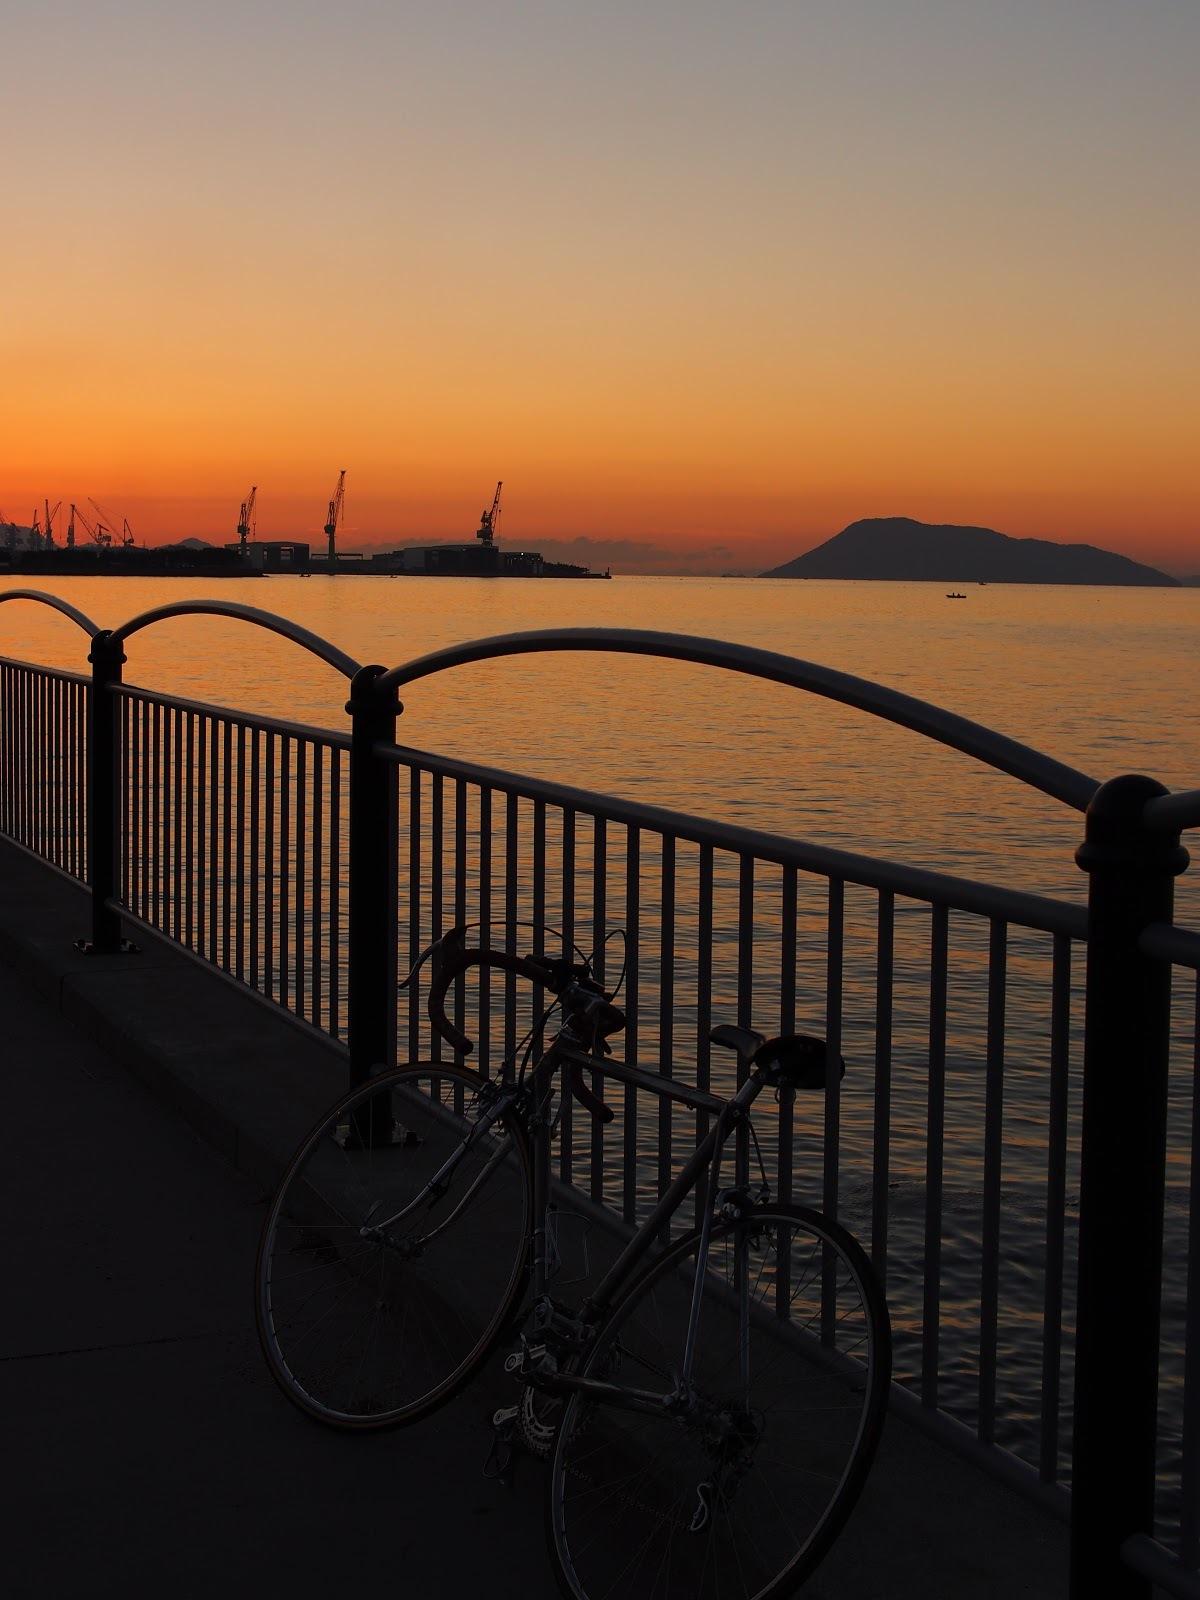 宇多津の臨海公園での1枚。 夕日がきれいでした。